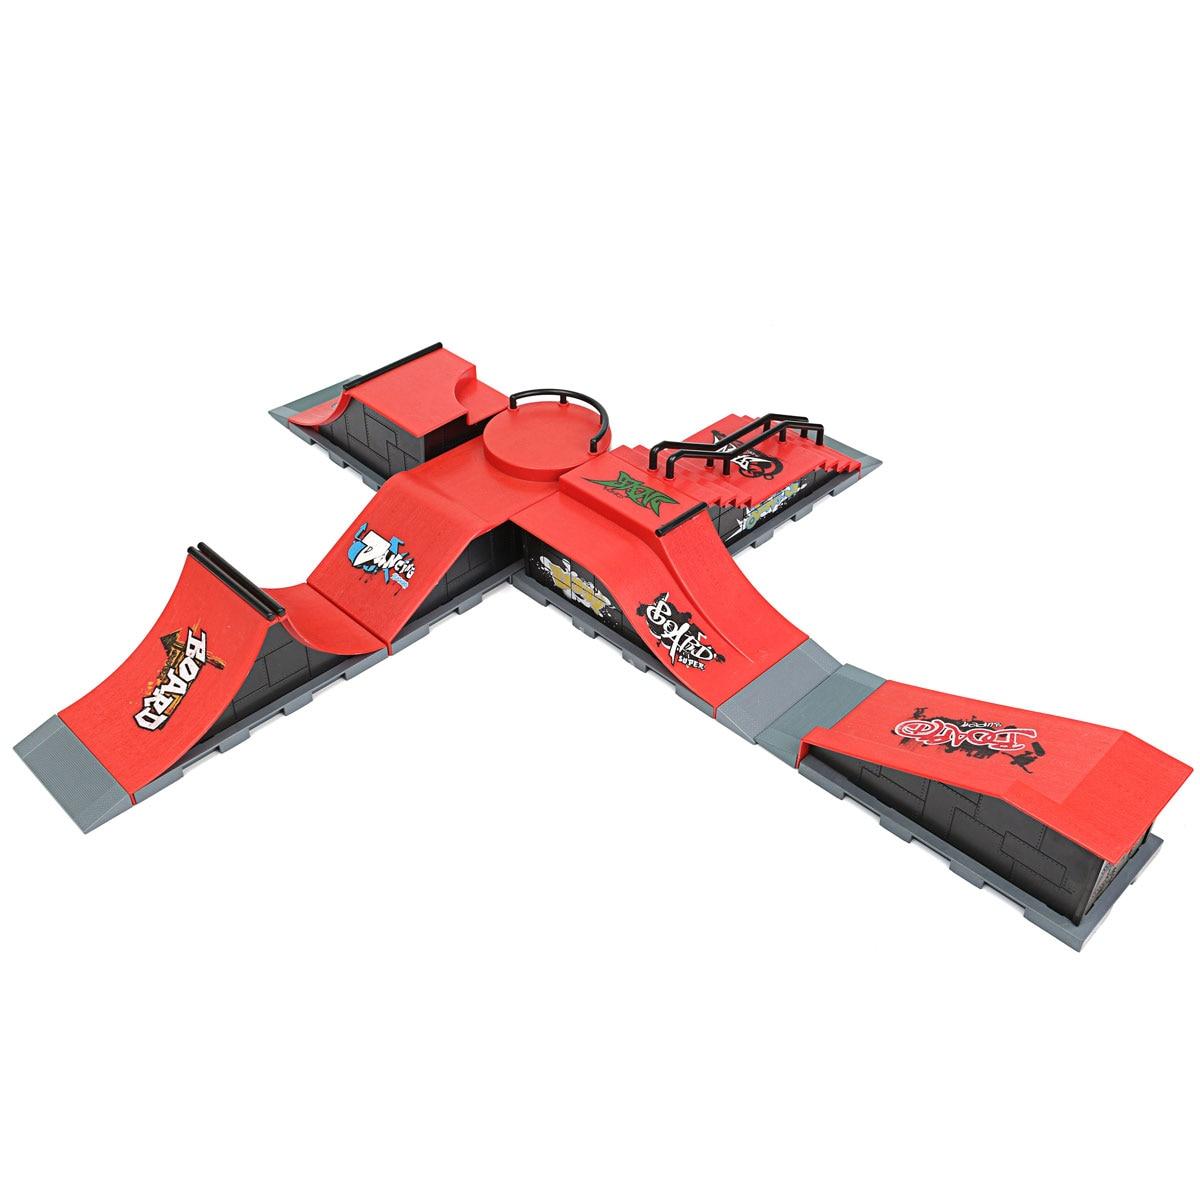 Набор для скейтбординга «сделай сам», 1 шт., запчасти для скейтбординга на платформе для пальцев, для игр для мальчиков и взрослых, оригинальные Товары для детей|skate park ramp|skate parkrampe skate | АлиЭкспресс